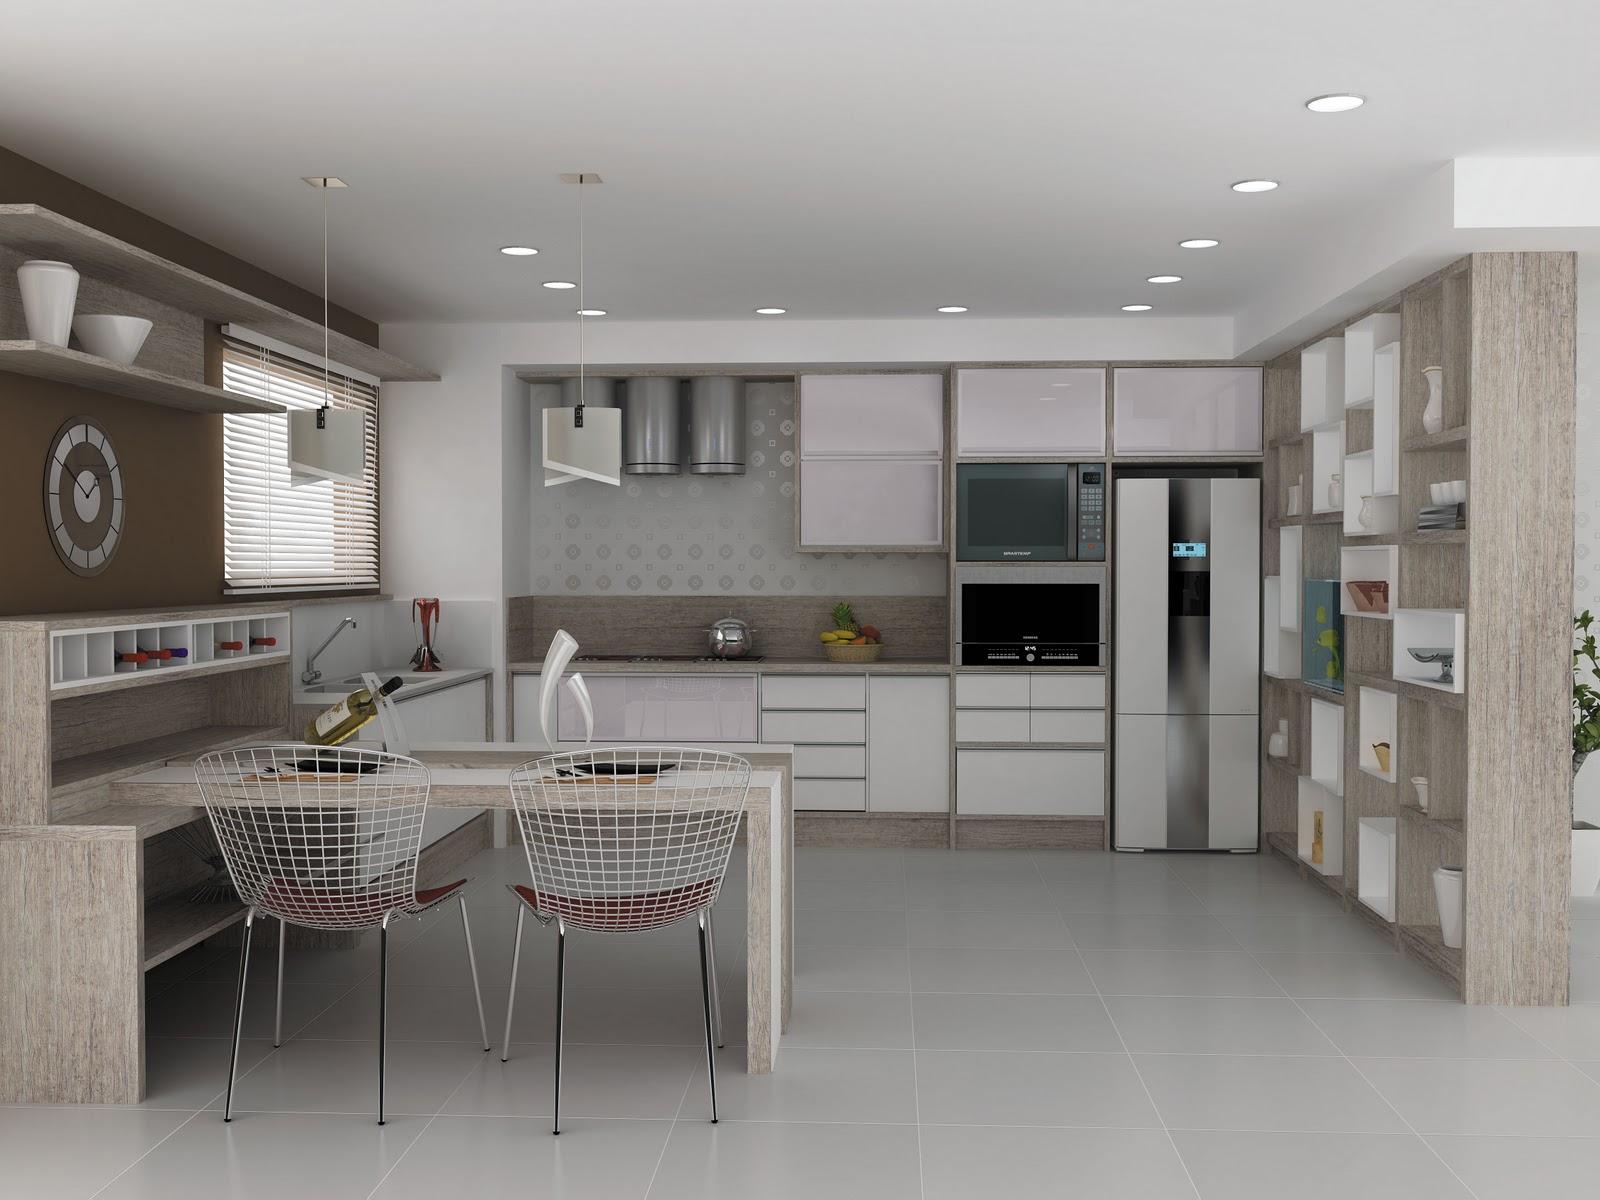 Sua Casa Dell Anno Cozinhas E Mveis Planejados Tattoo Design Bild #3C3631 1600 1200